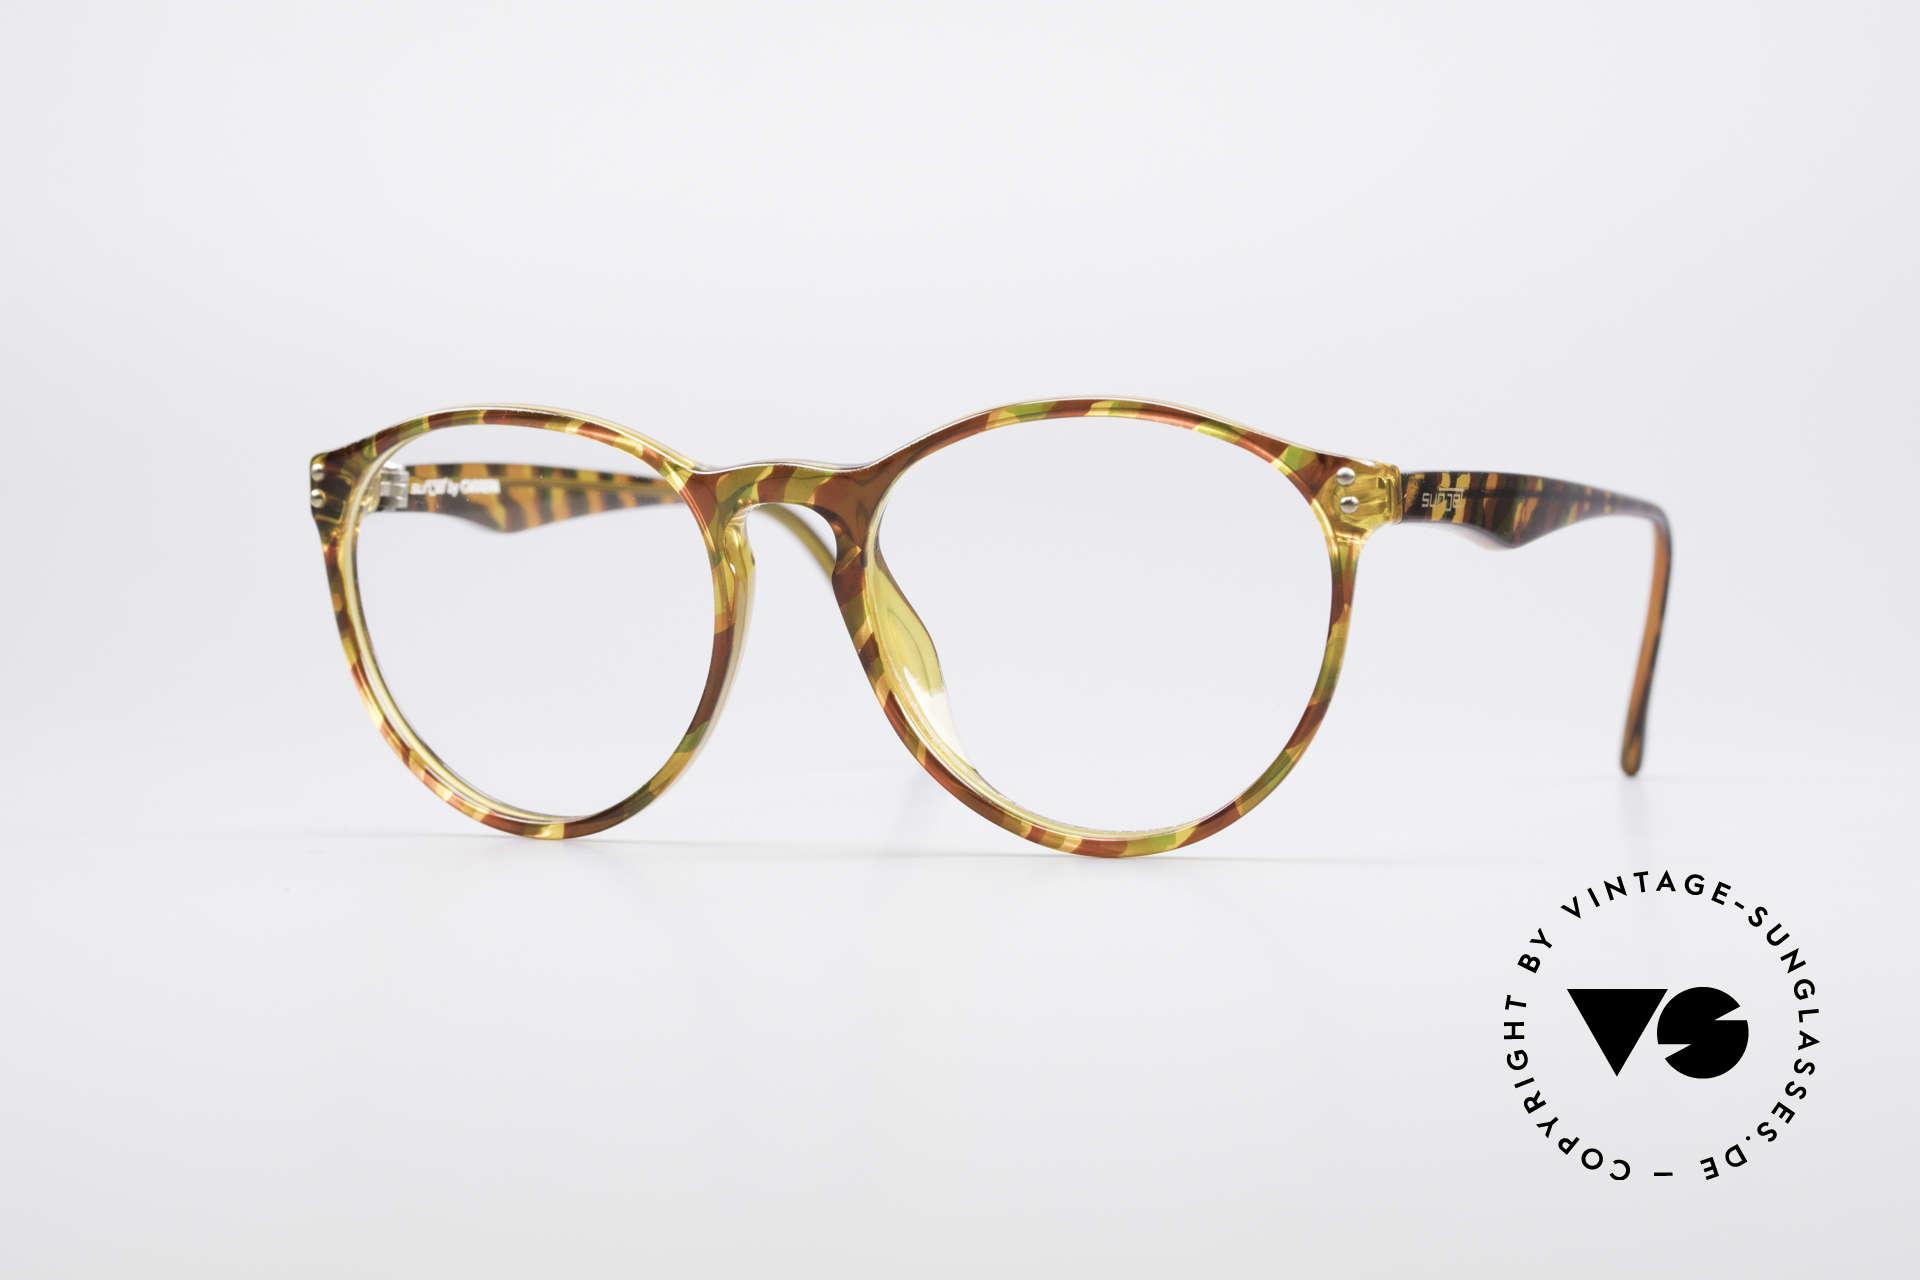 Carrera 5282 90er Panto Brillenfassung, zeitlose Carrera SUNJET Panto-Design Brillenfassung, Passend für Herren und Damen